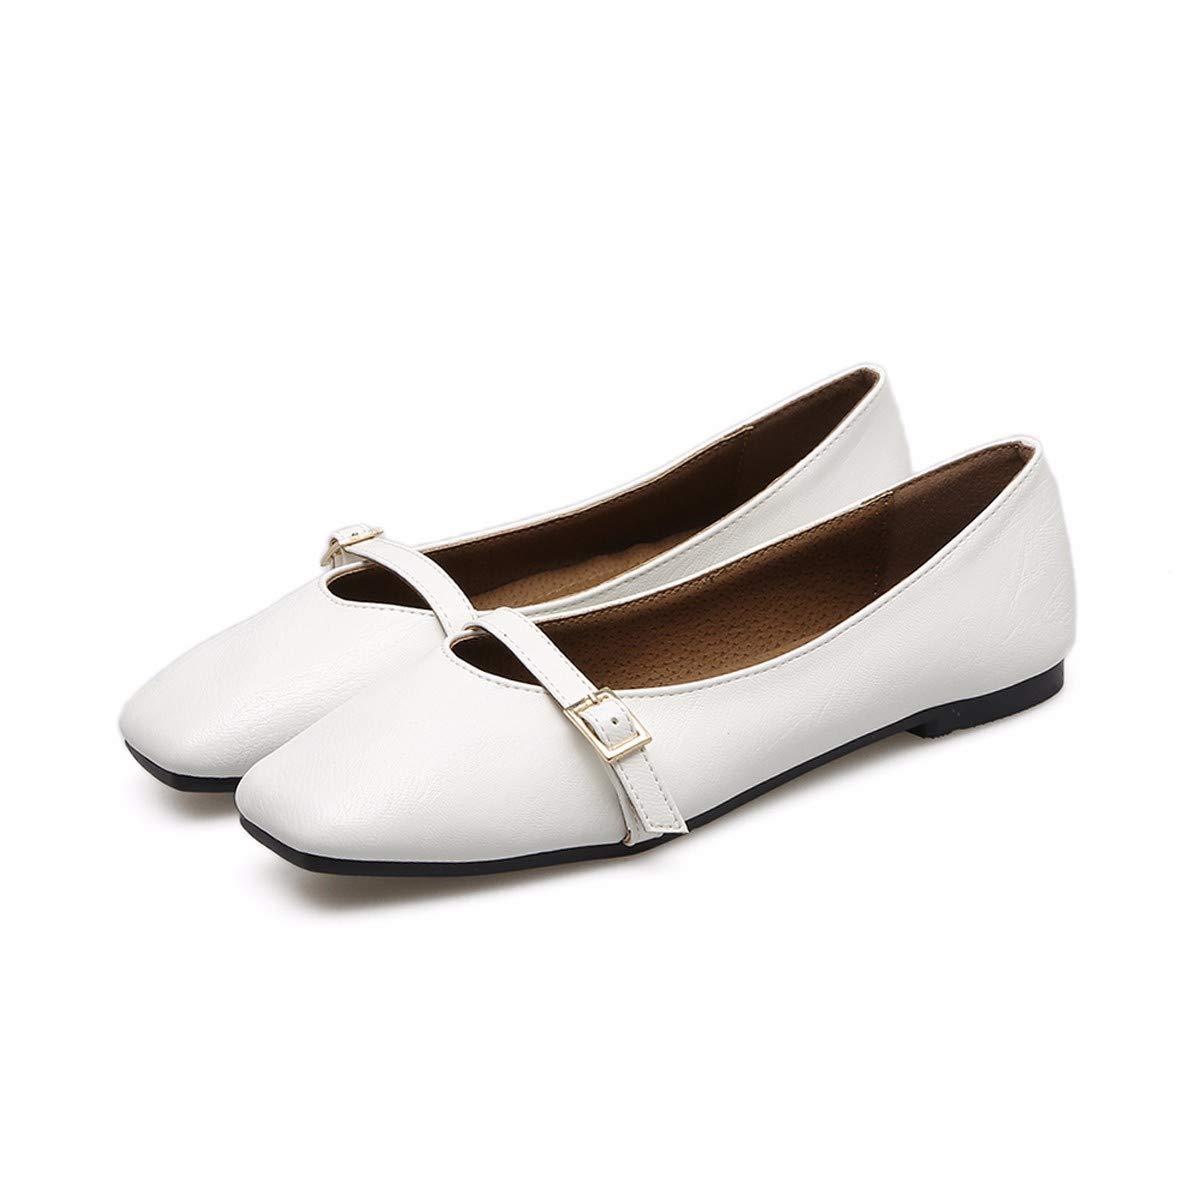 KPHY-Flache Sohle Schuhe Weiblich Flachen Mund Platz Kopf Oma Schuhe Weichen Boden Schwangere Flache Sohle Schuhe.37 Weiße